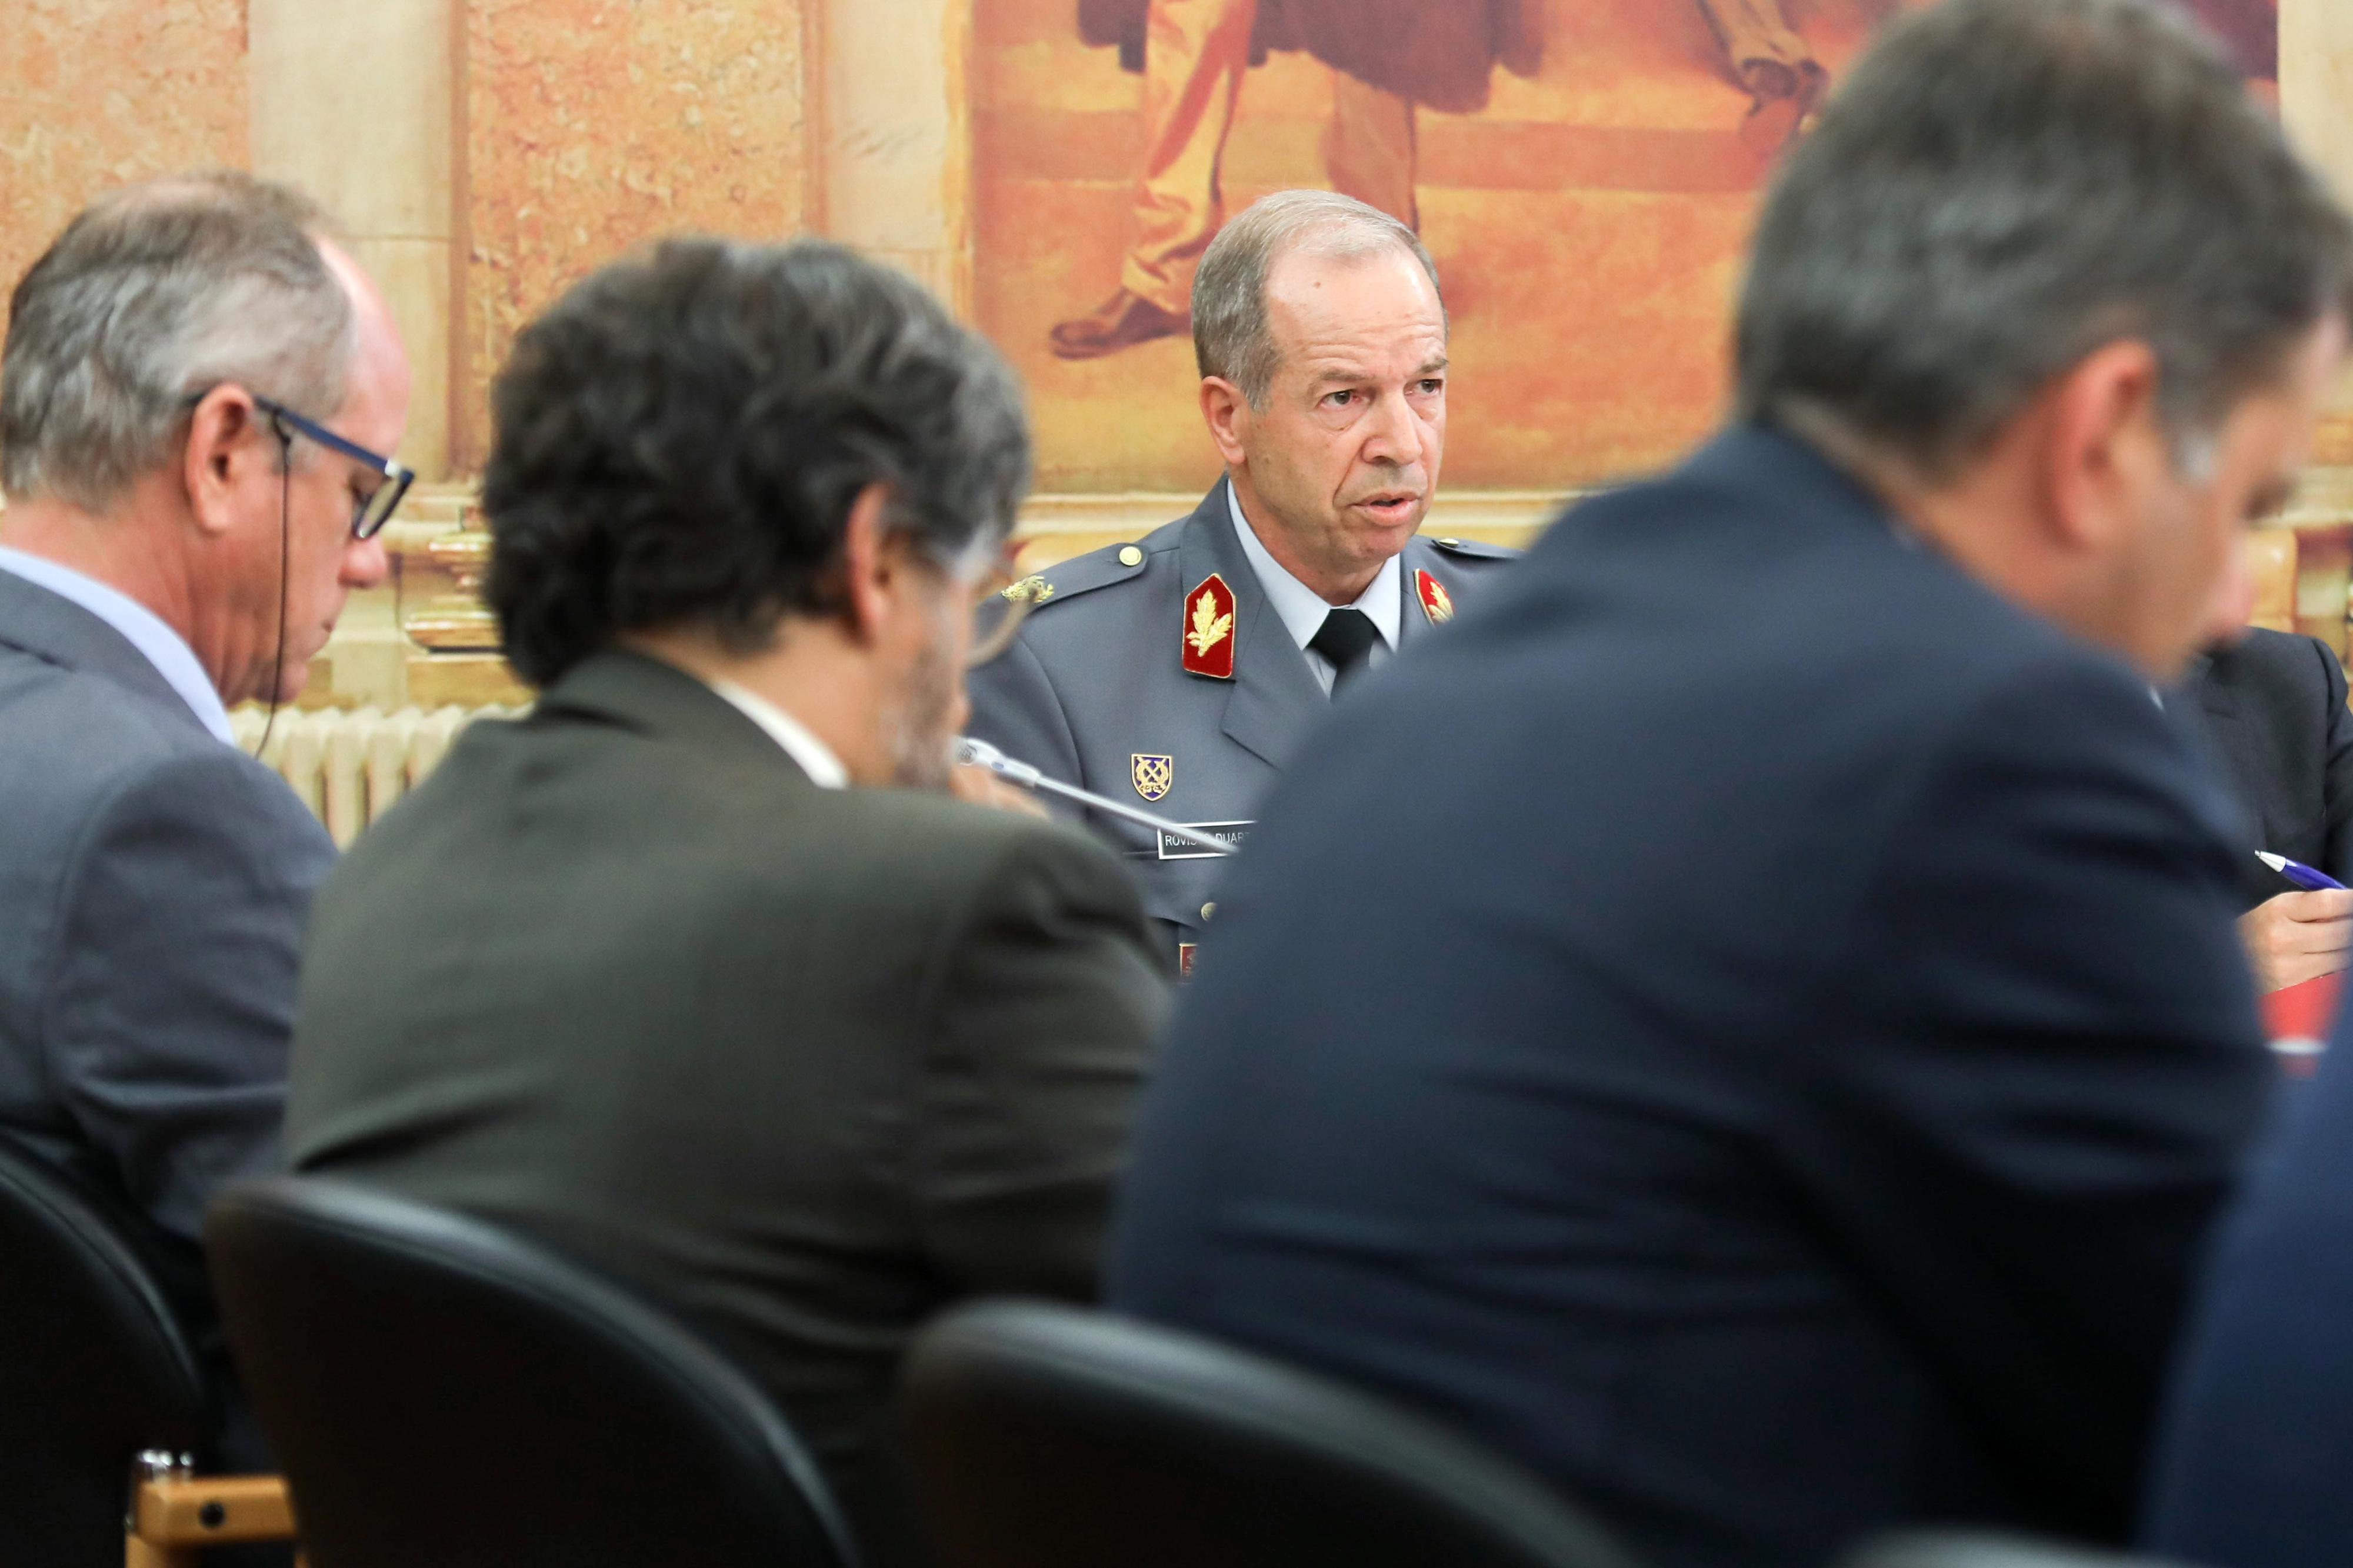 Ministério da Defesa inicia processo de substituição de Rovisco Duarte na chefia do Exército